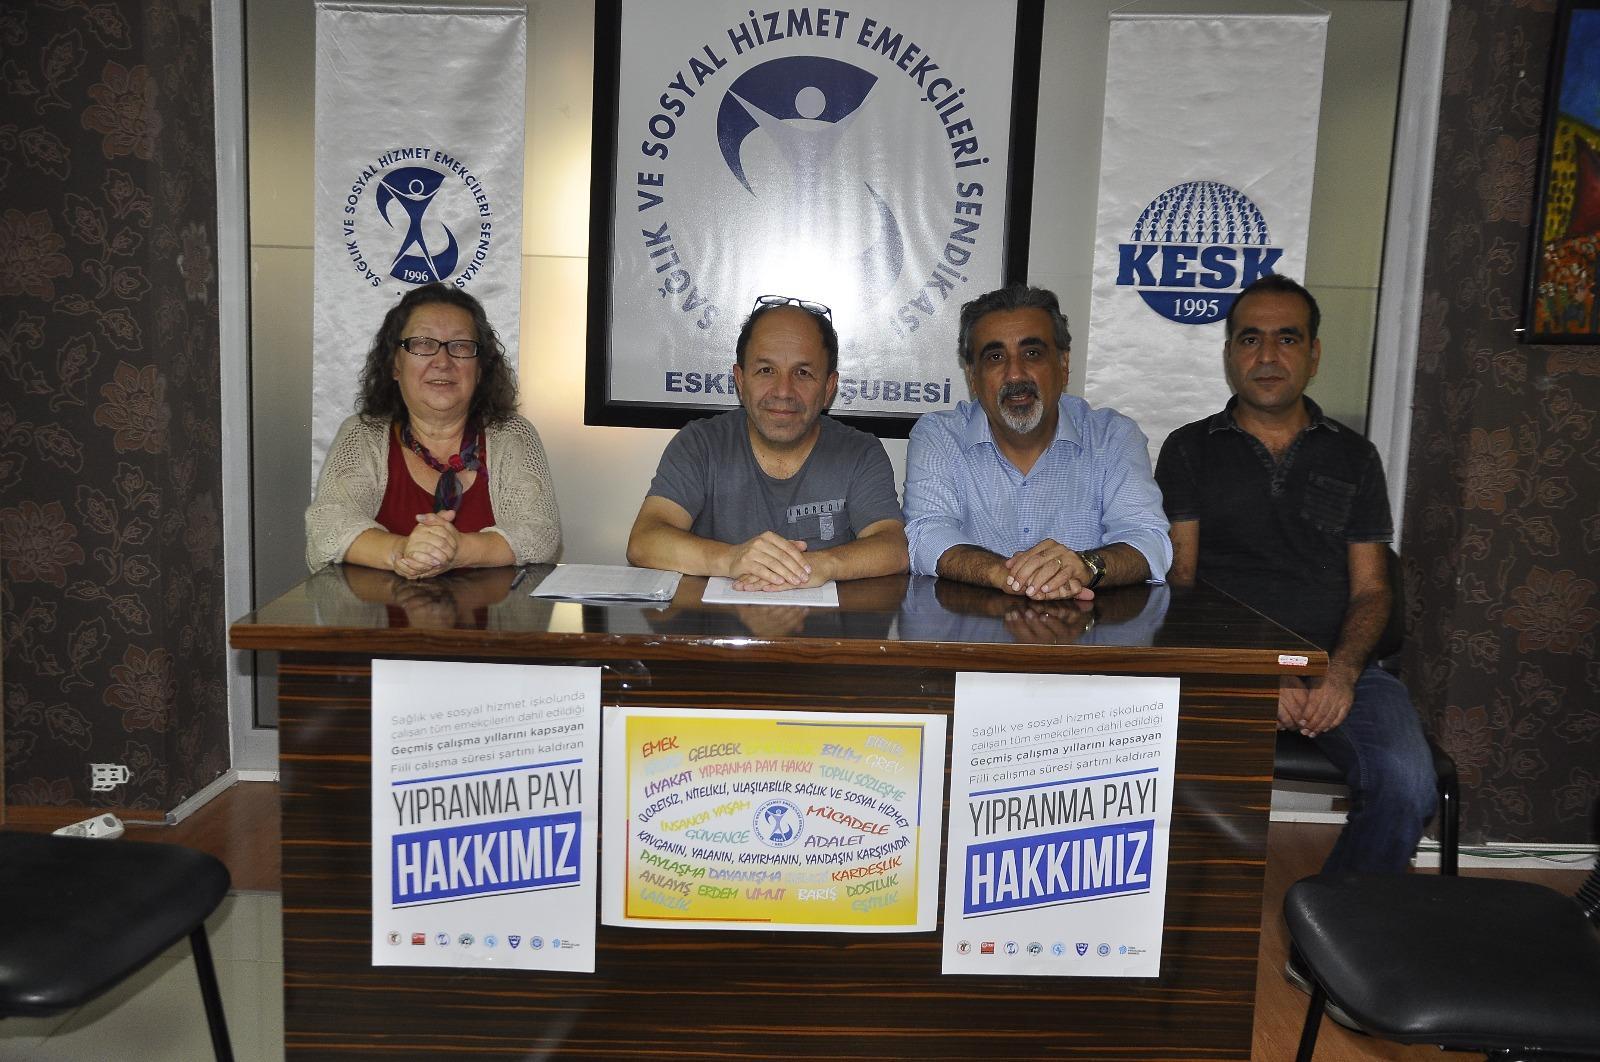 Eskişehir: Yıpranma Payı Hakkımız İçin Mücadeleye Devam Ediyoruz